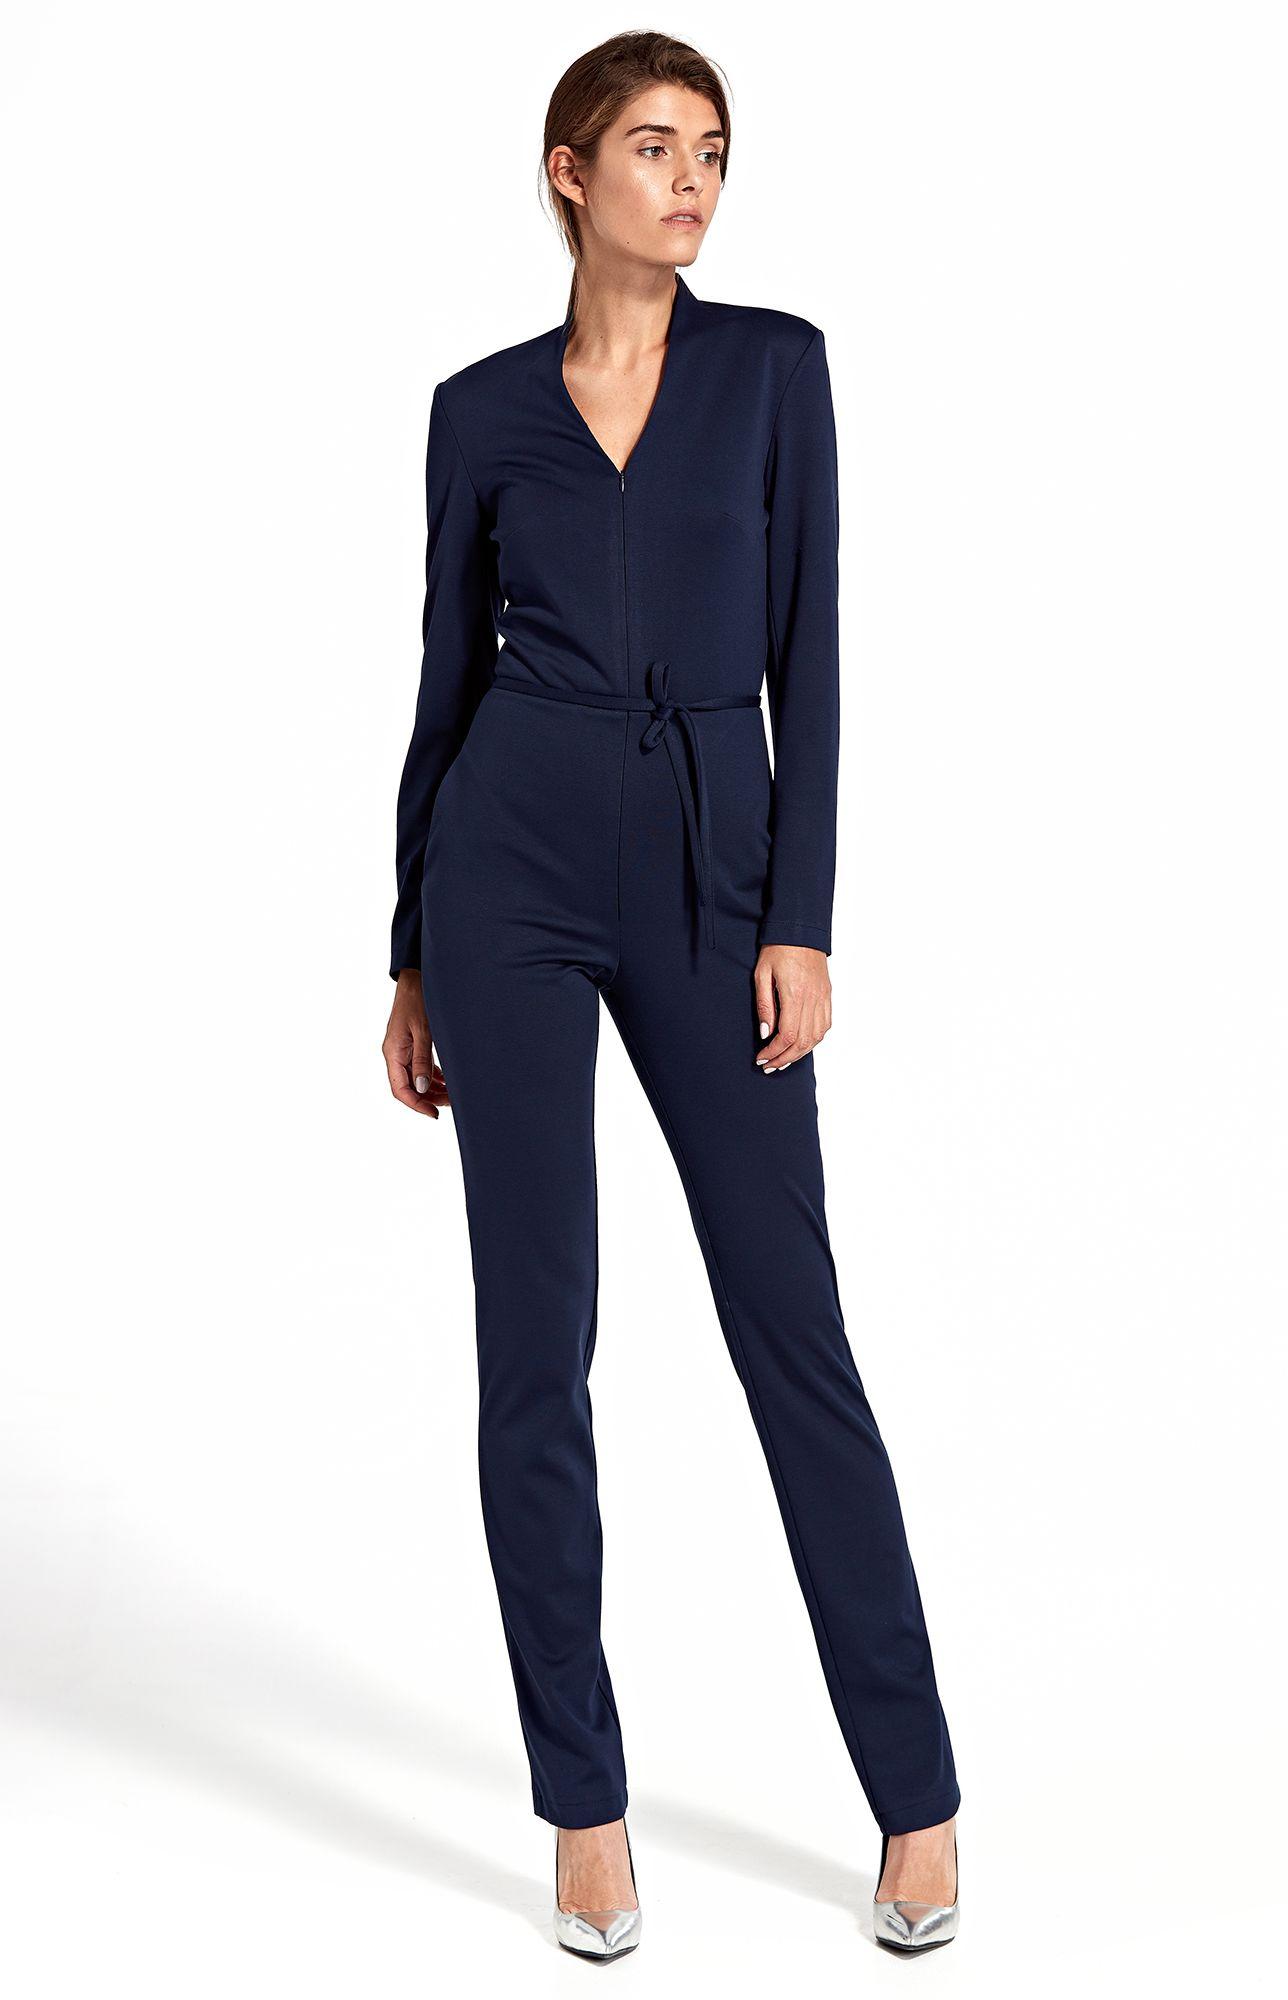 combinaison pantalon zipp e bleu marine nik09bm. Black Bedroom Furniture Sets. Home Design Ideas